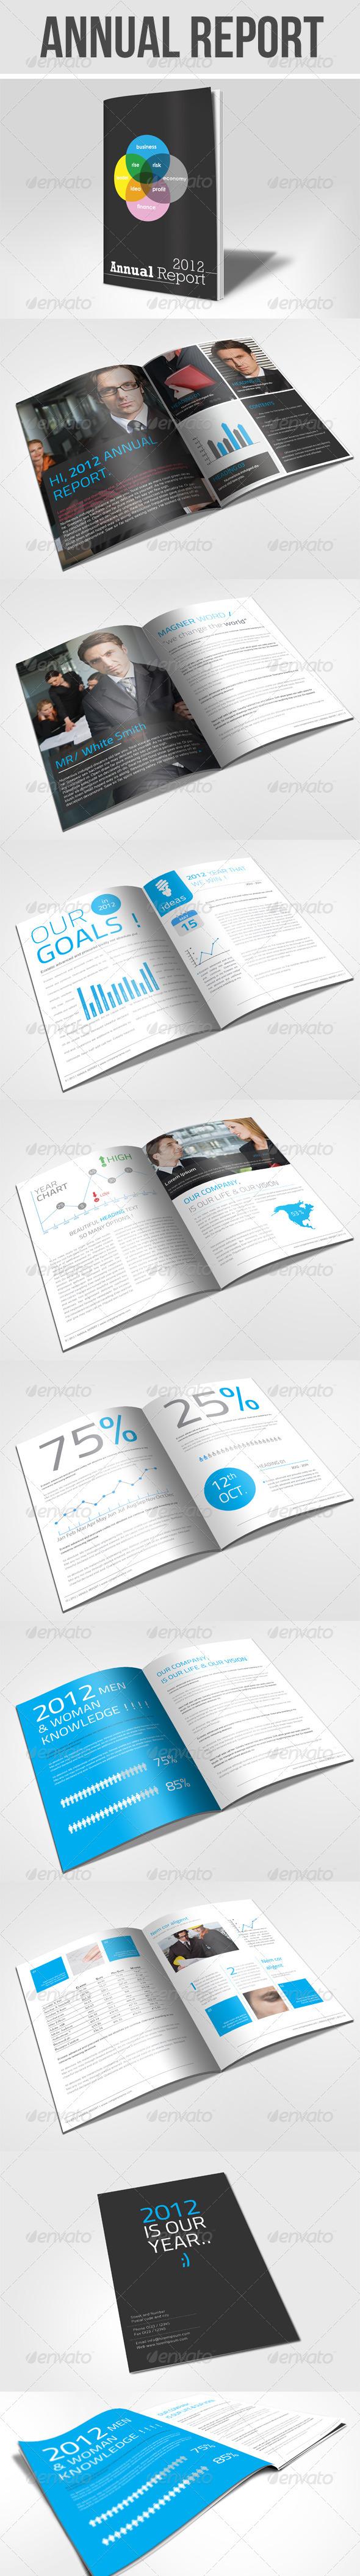 GraphicRiver Annual Report Brochure 1548888